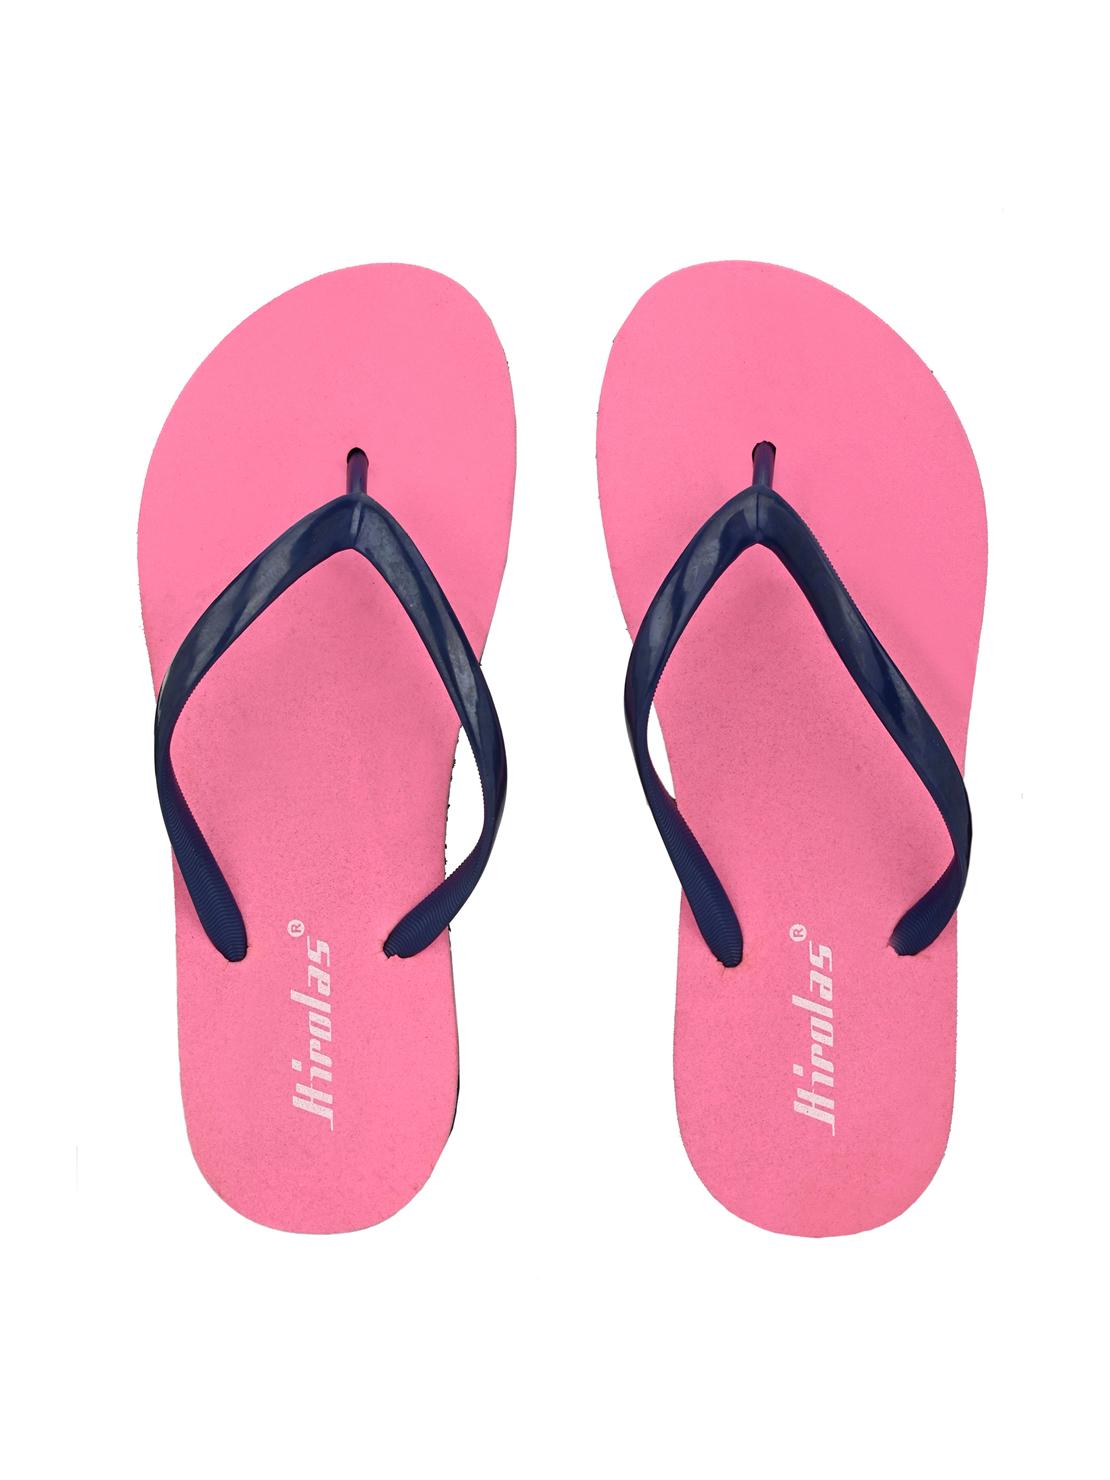 Hirolas | Hirolas® Pink Flip Flop  Slippers for Women